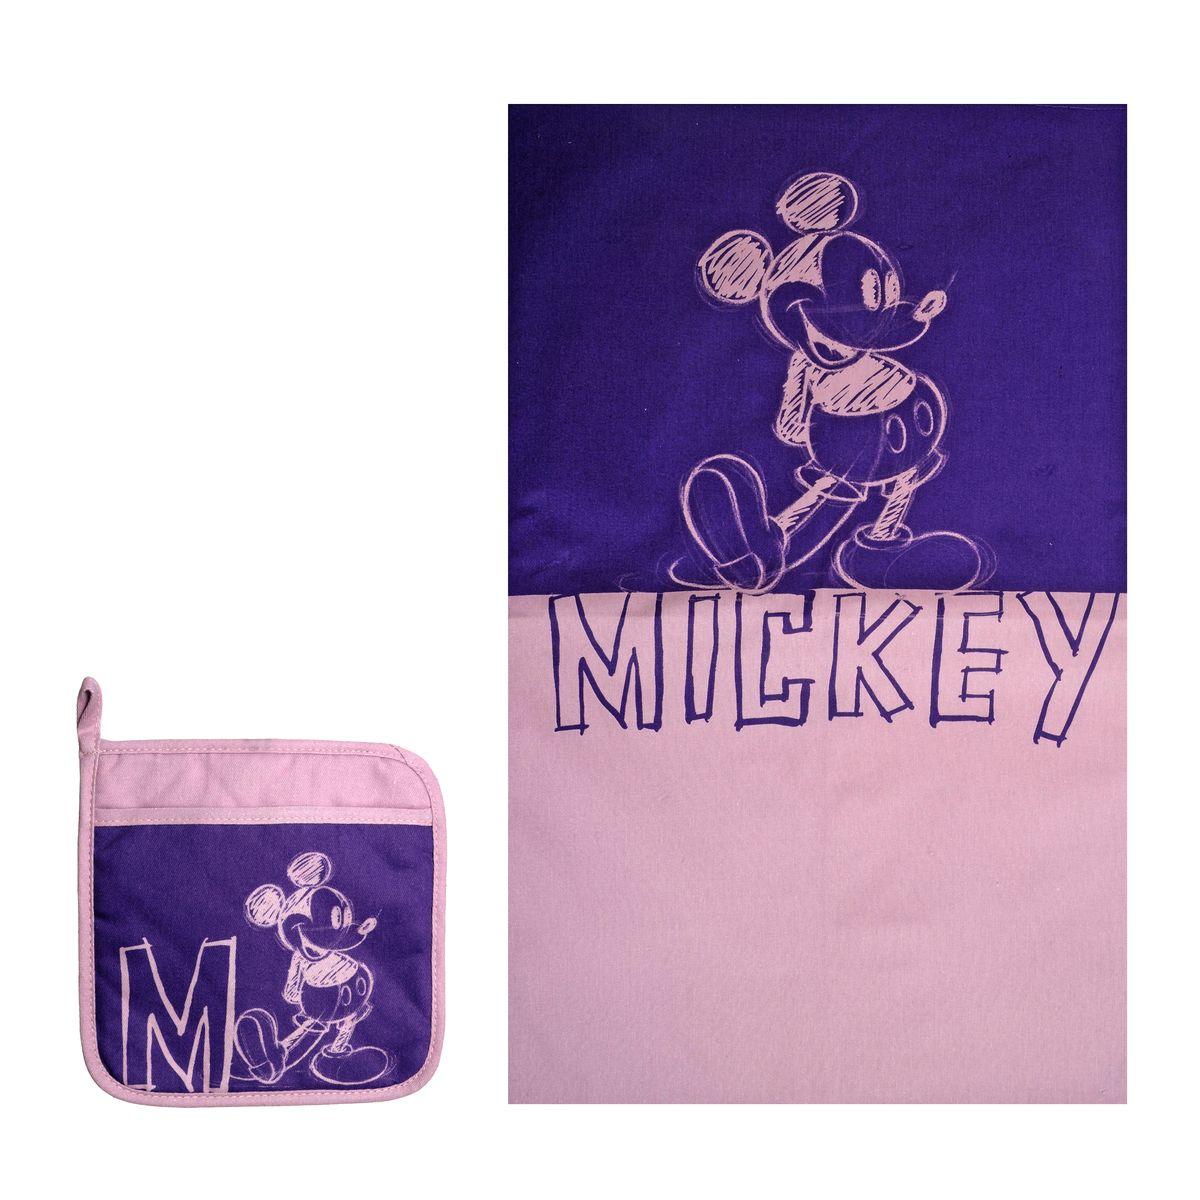 Набор для кухни Disney Mickey Mouse, цвет: фиолетовый, сиреневый, 2 предмета65101Набор для кухни Disney Mickey Mouse состоит из прихватки и полотенца. Прихватка оснащена петелькой для подвешивания. Предметы набора выполнены из 100% хлопка и оформлены изображением Микки Мауса. Такой набор оригинально украсит интерьер и будет уместен на любой кухне. Прекрасно подойдет в качестве подарка, который окажется не только приятным, но и полезным в хозяйстве. Размер полотенца: 37 см х 62 см. Размер прихватки: 18 см х 18 см.